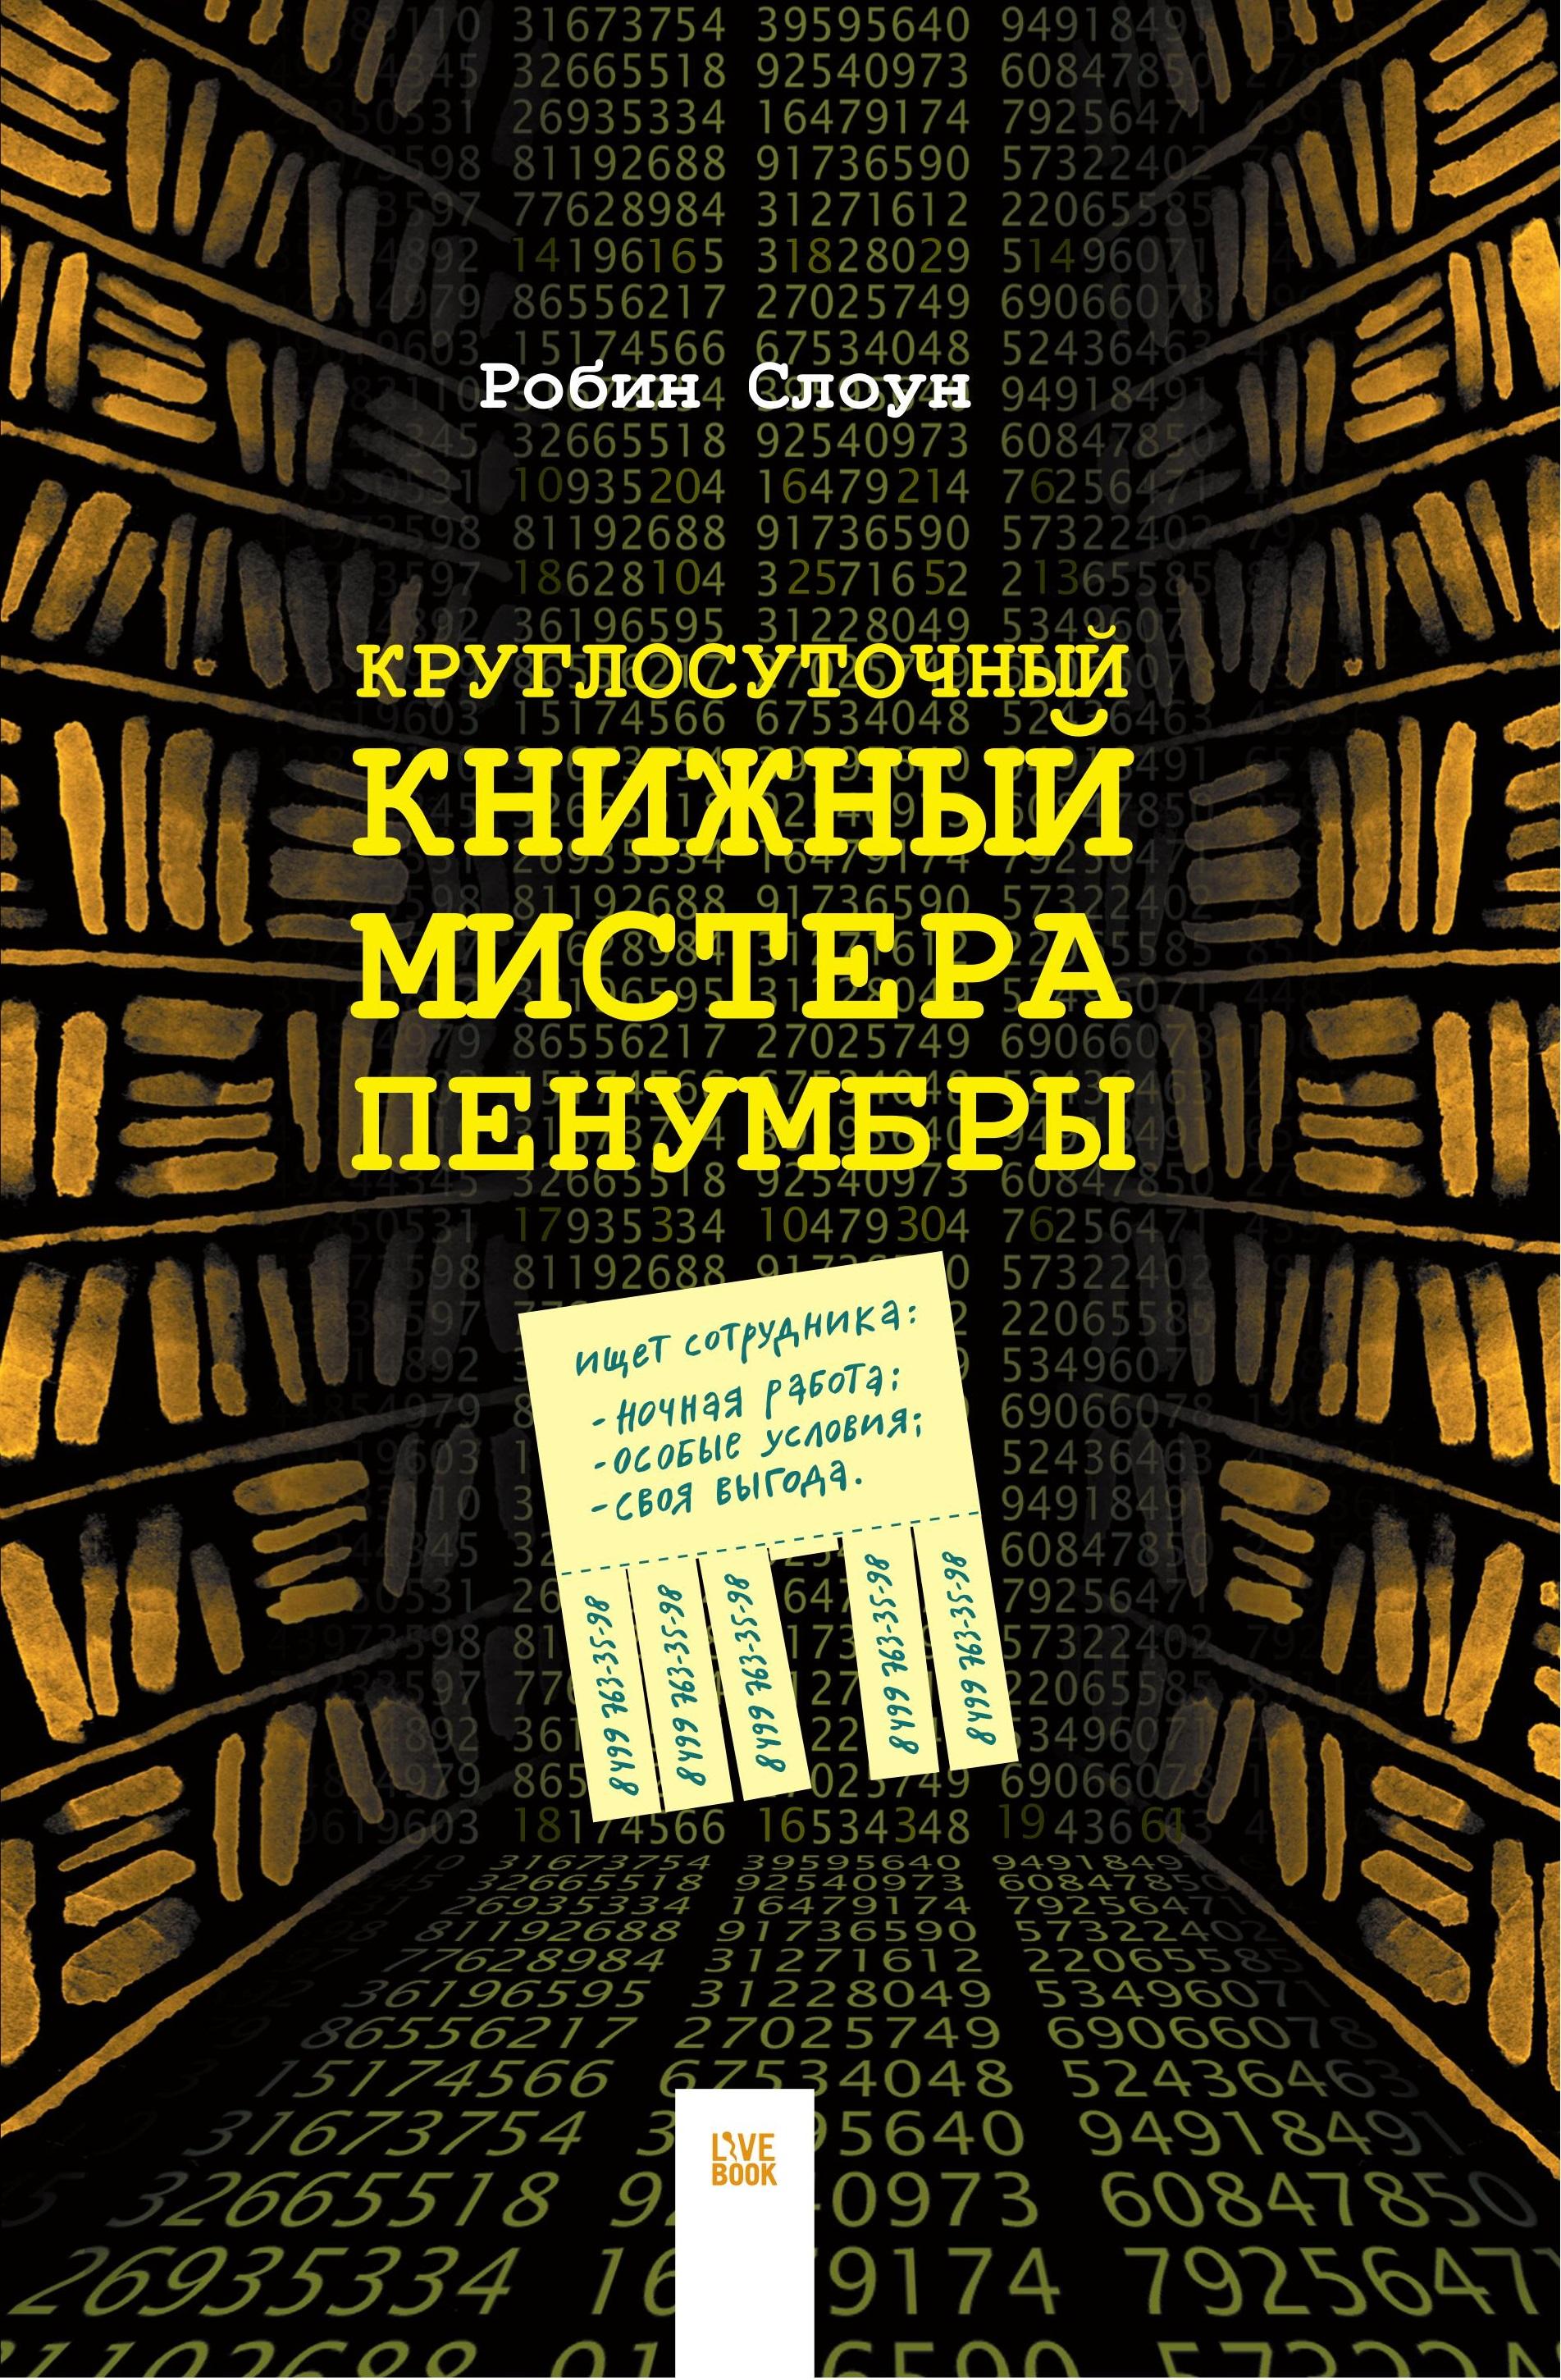 Круглосуточный книжный мистера Пенумбры, Слоун Робин